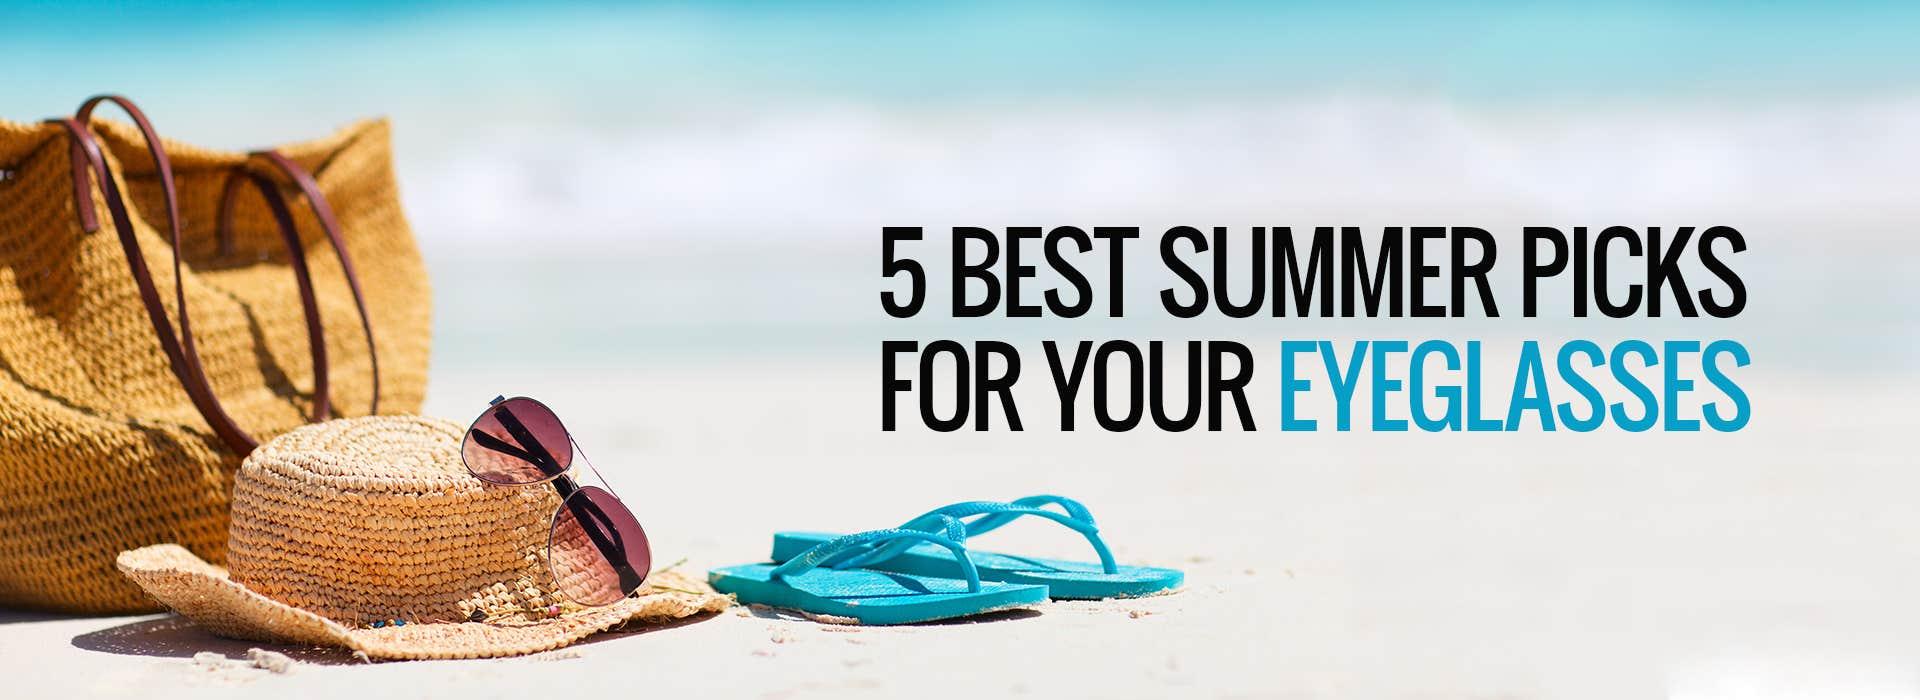 5 Best Summer Picks For Your Eyeglasses